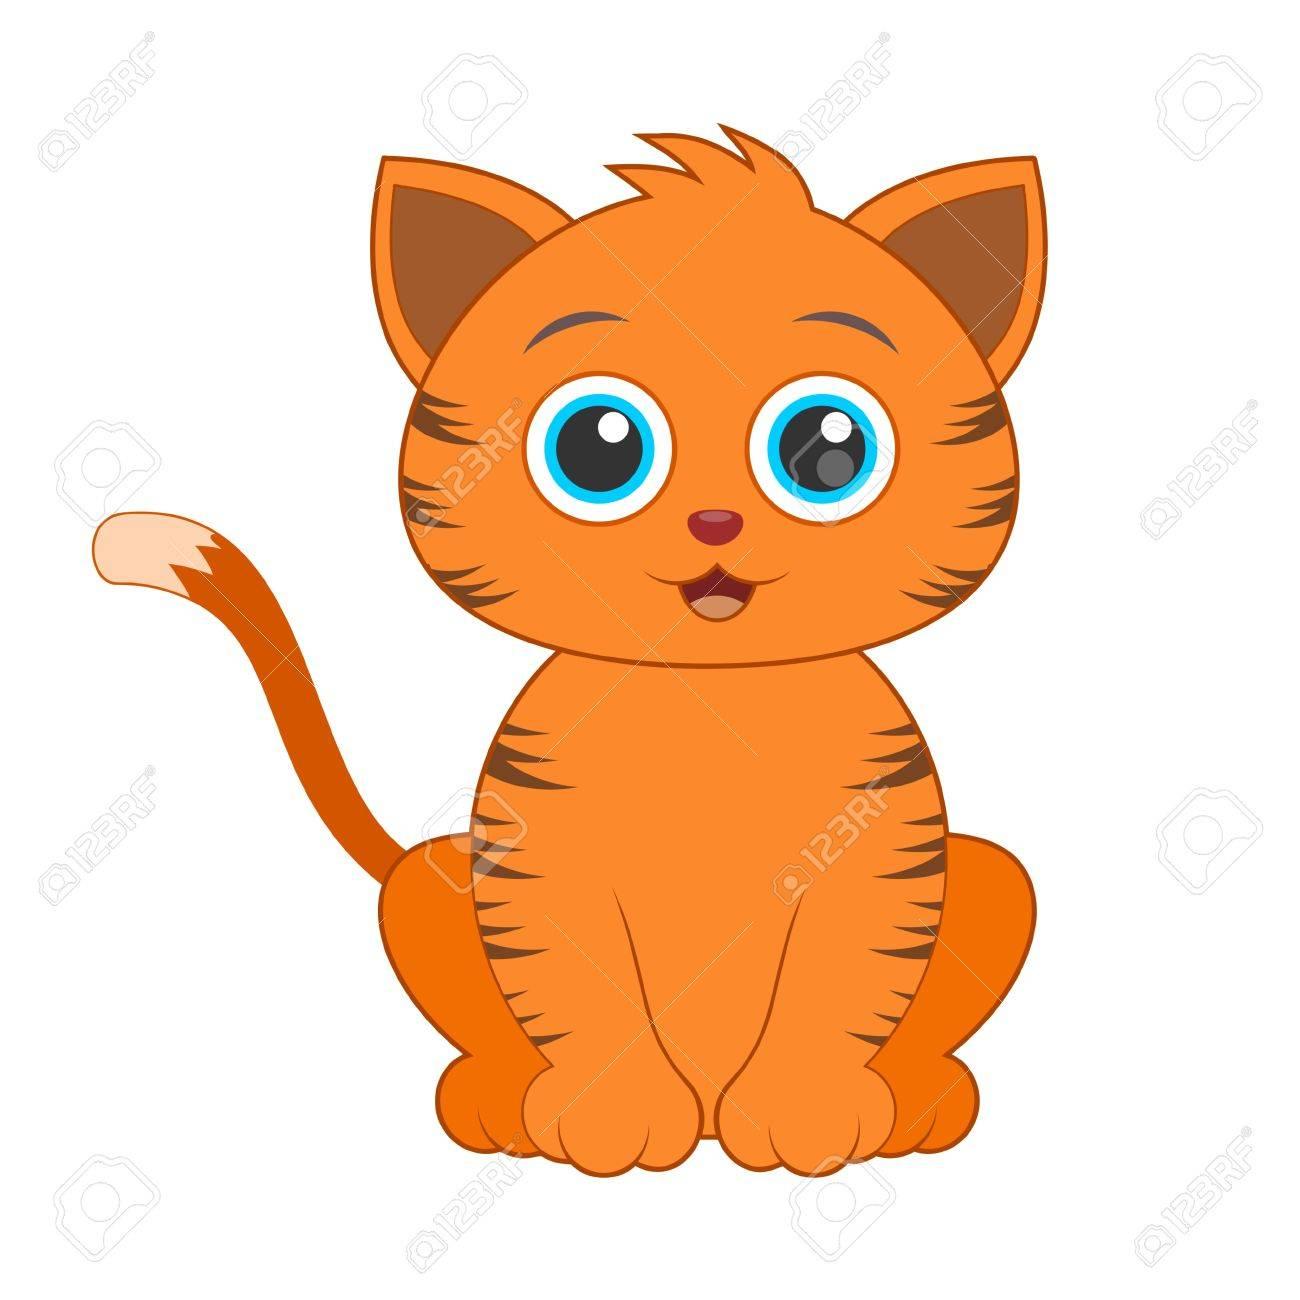 Cat orange cliparts.